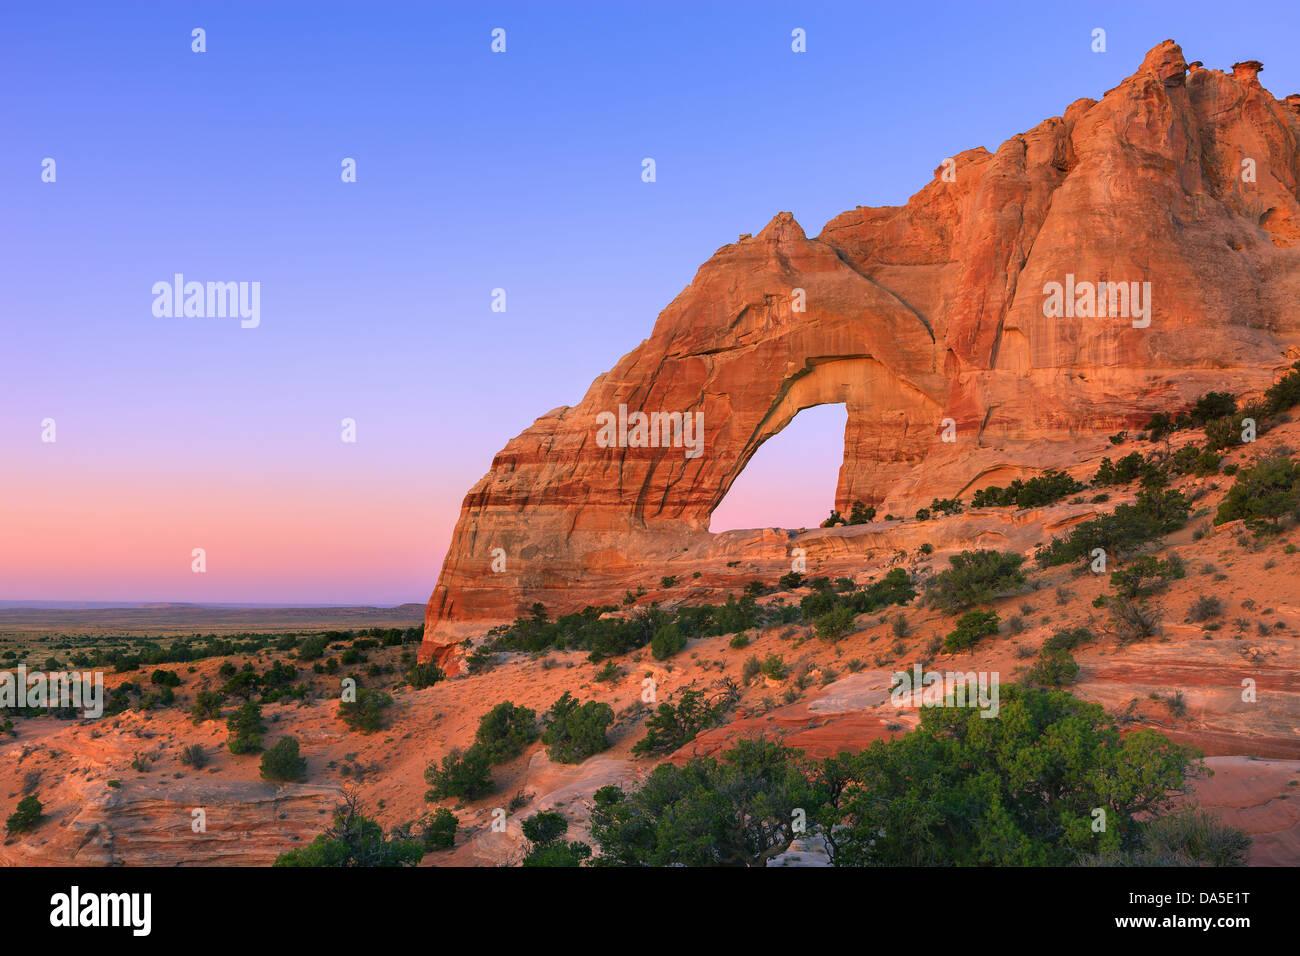 White Mesa Arch, im Nord-östlichen Teil von Arizona, USA Stockfoto